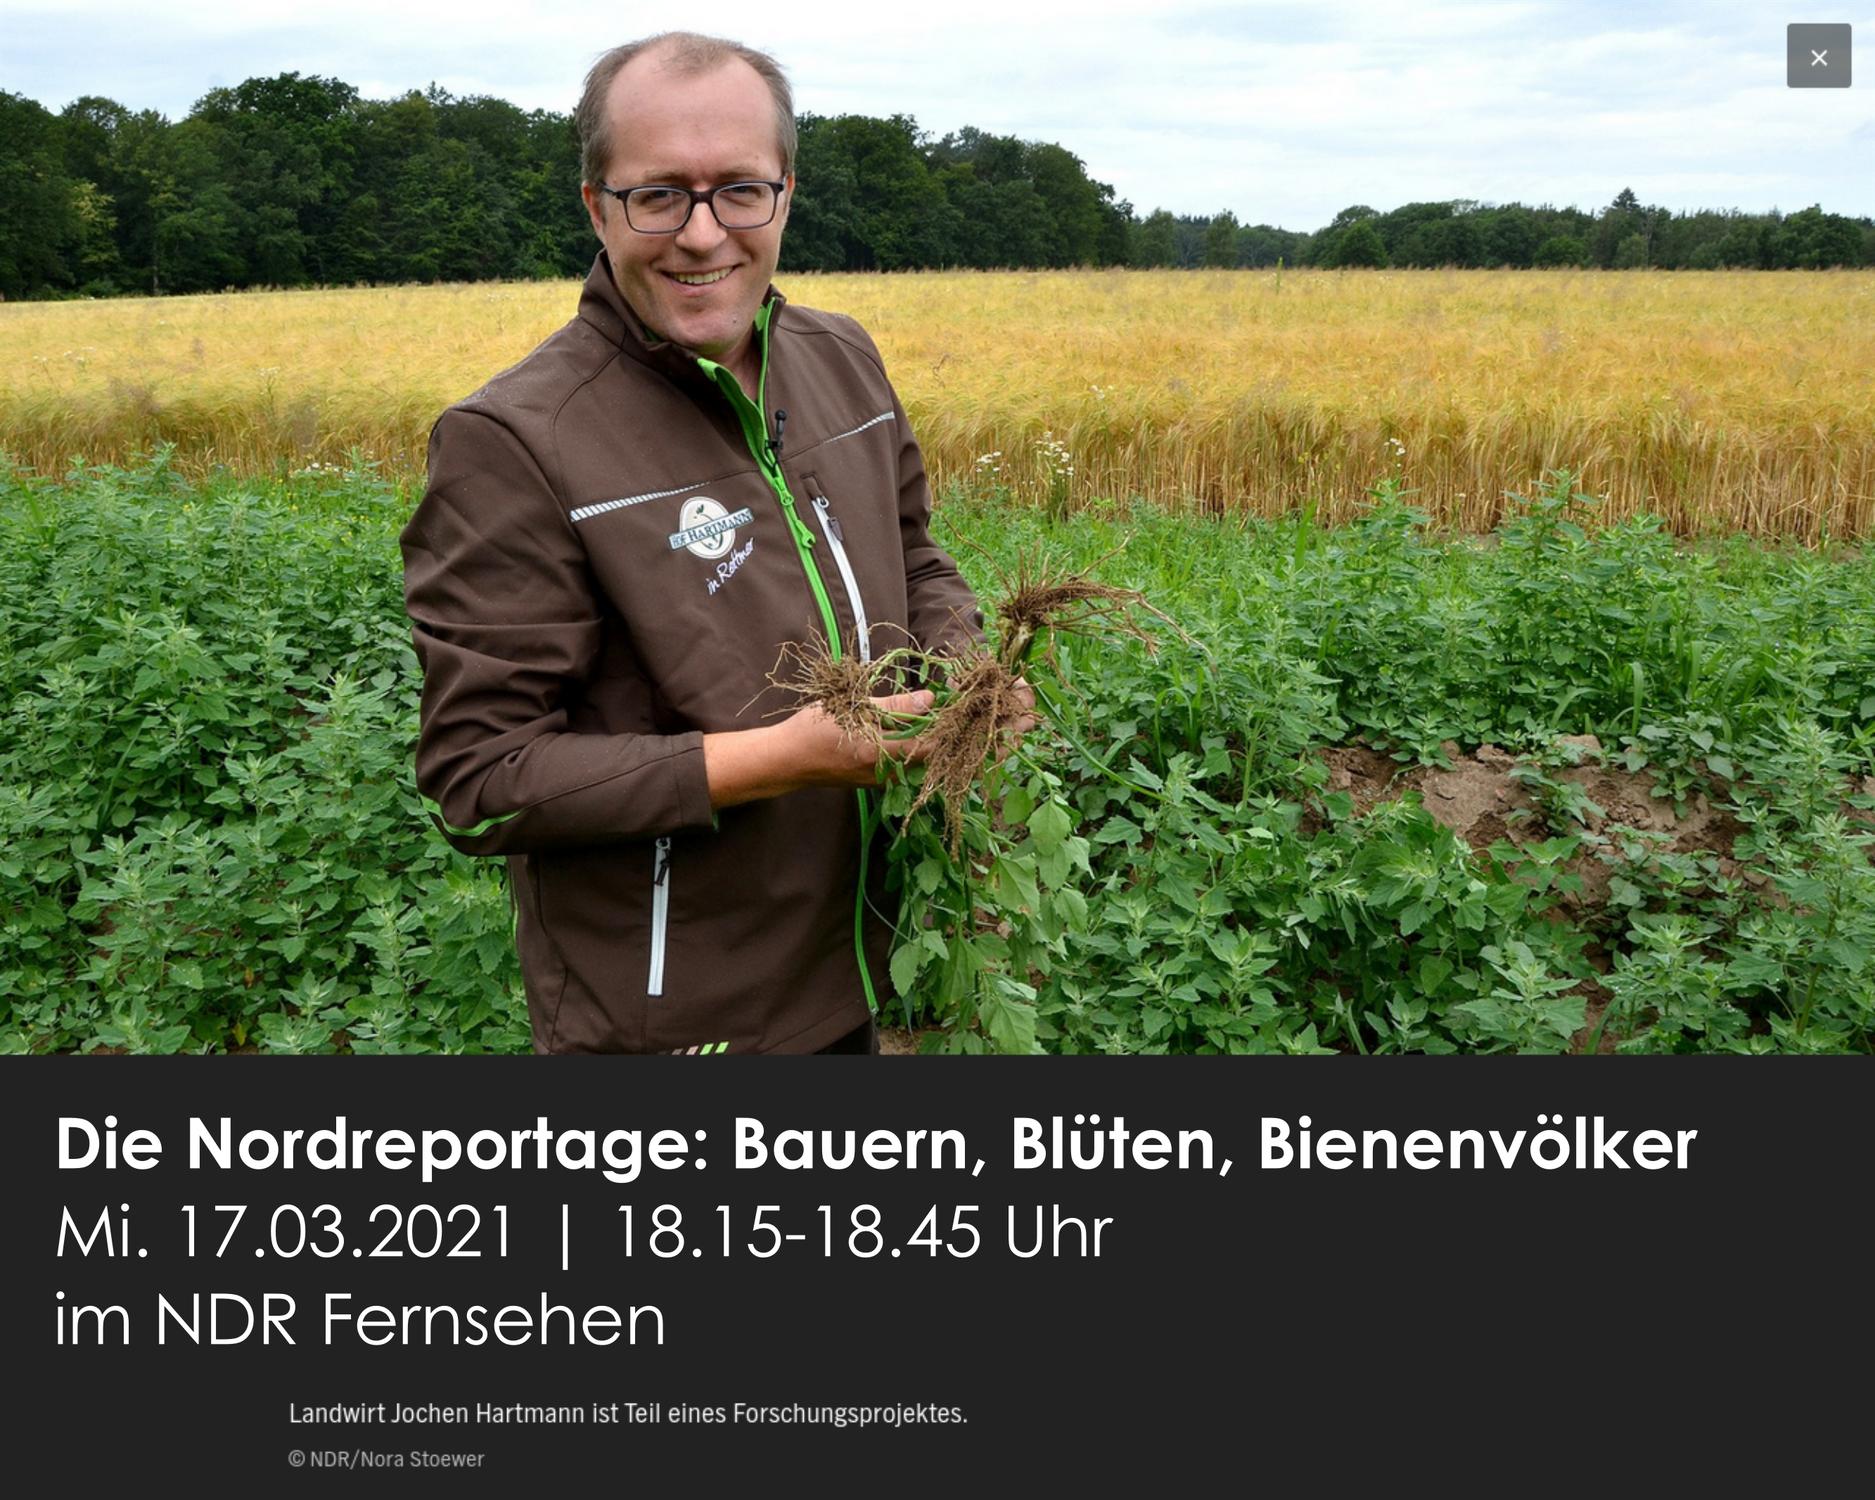 Beetle Banks, Blühstreifen, Biodiversität: Hof Hartmann in der NDR Nordreportage